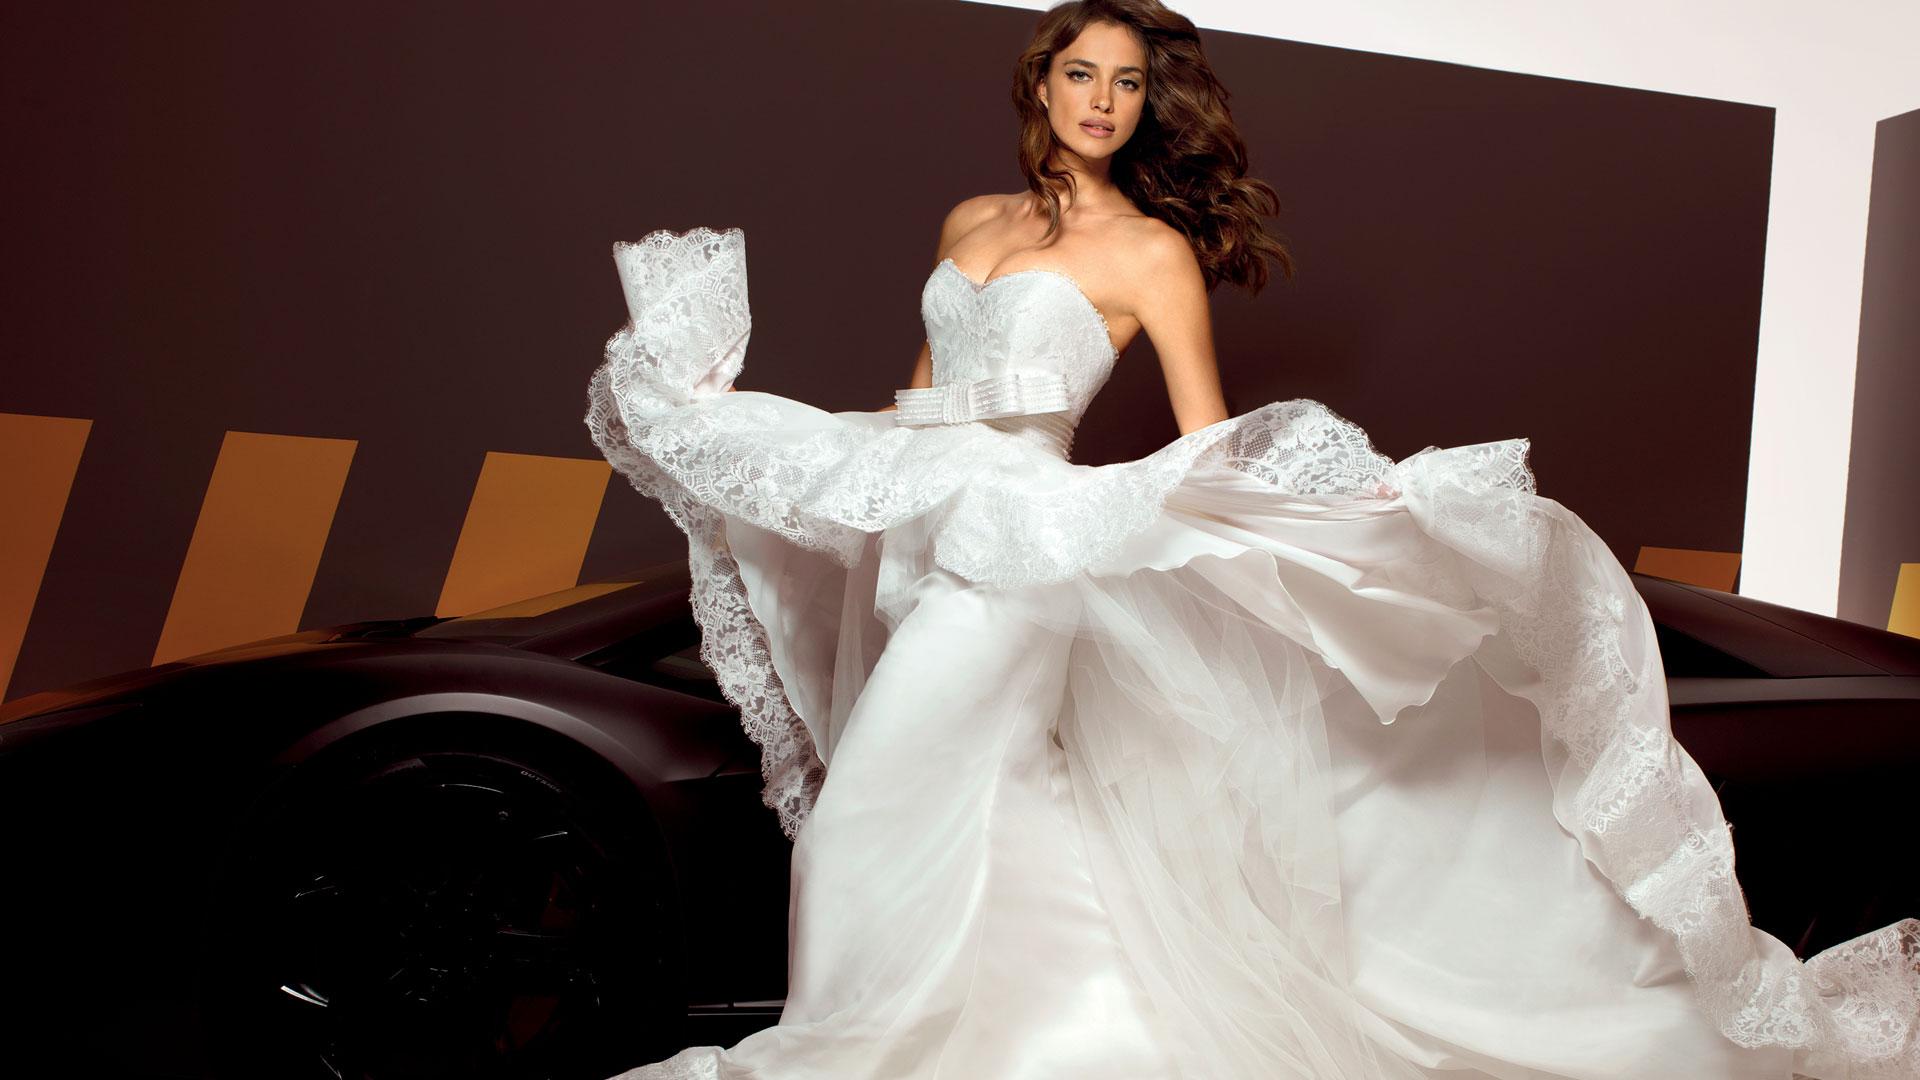 Девушки в свадебных платьях фото любительское